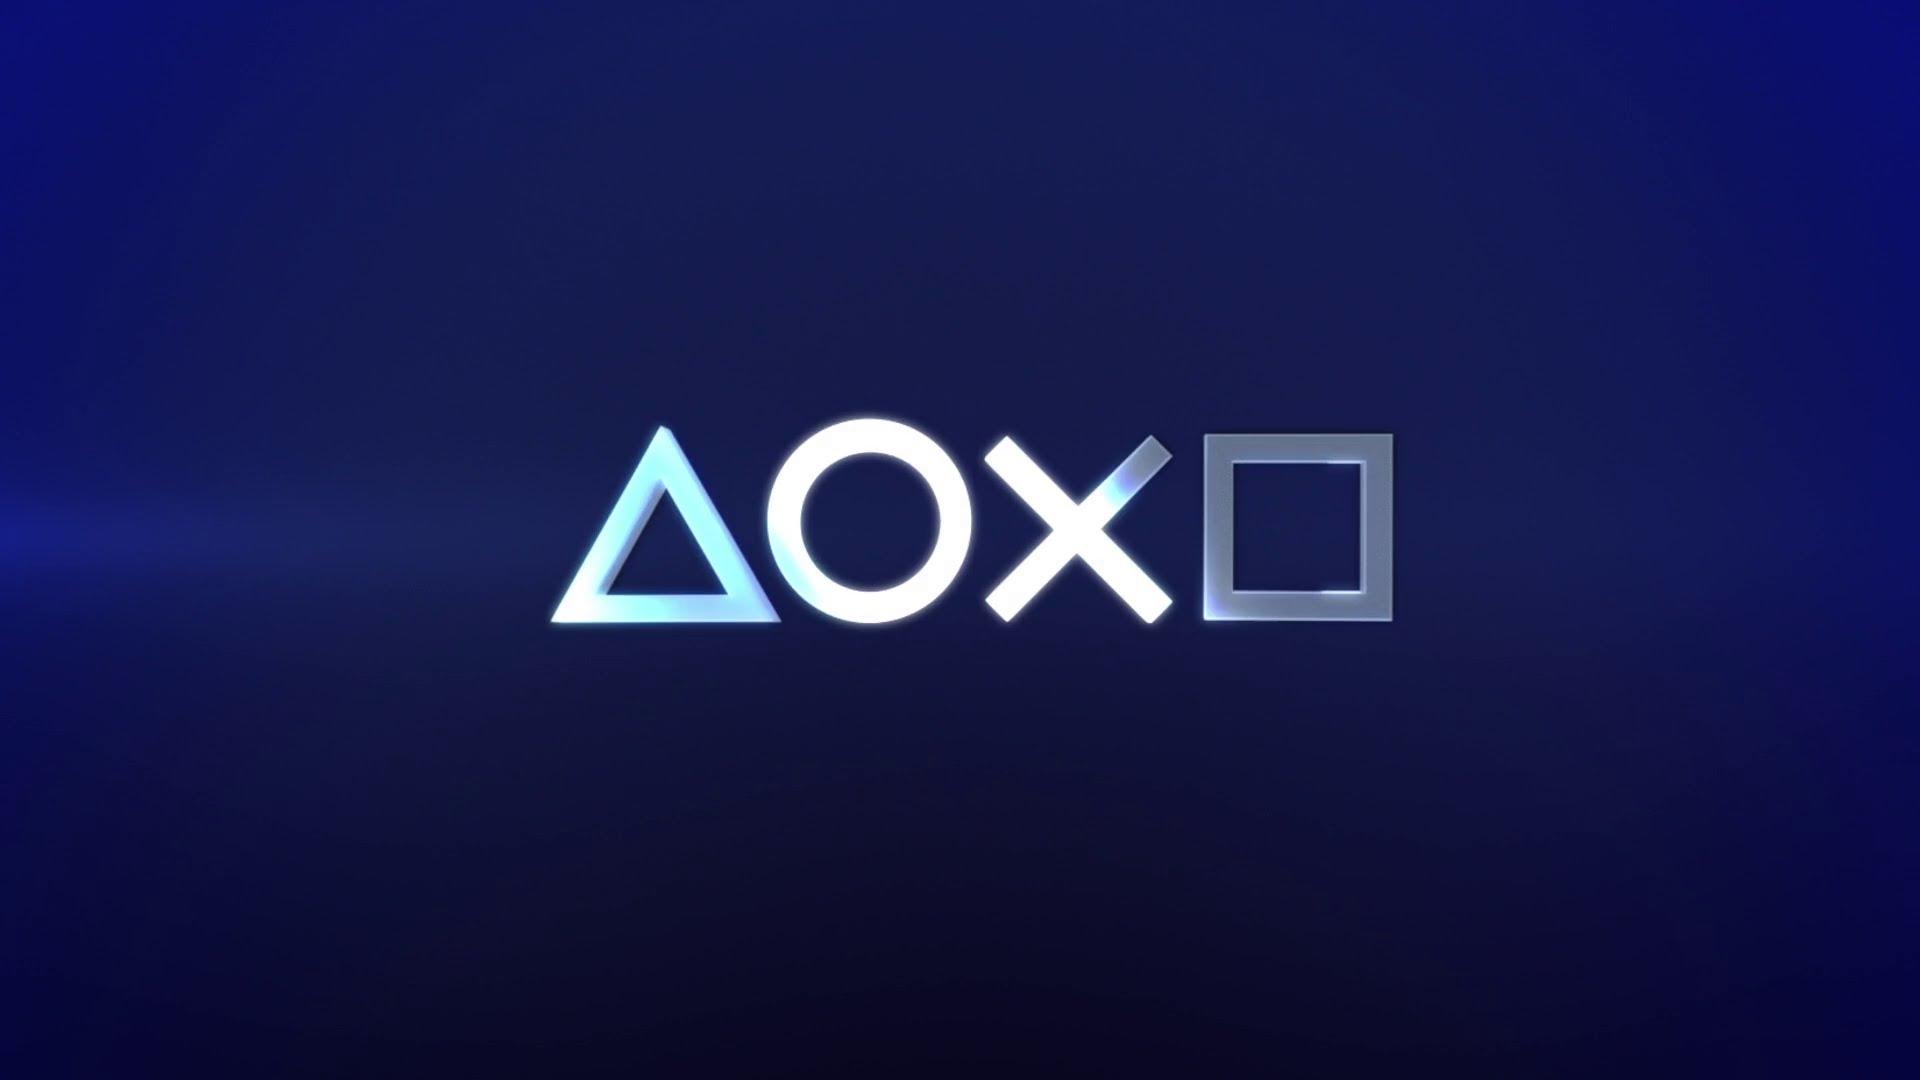 گزارش: یک بازی مهم و سکند پارتی انحصاری PS4 در دست ساخت قرار دارد